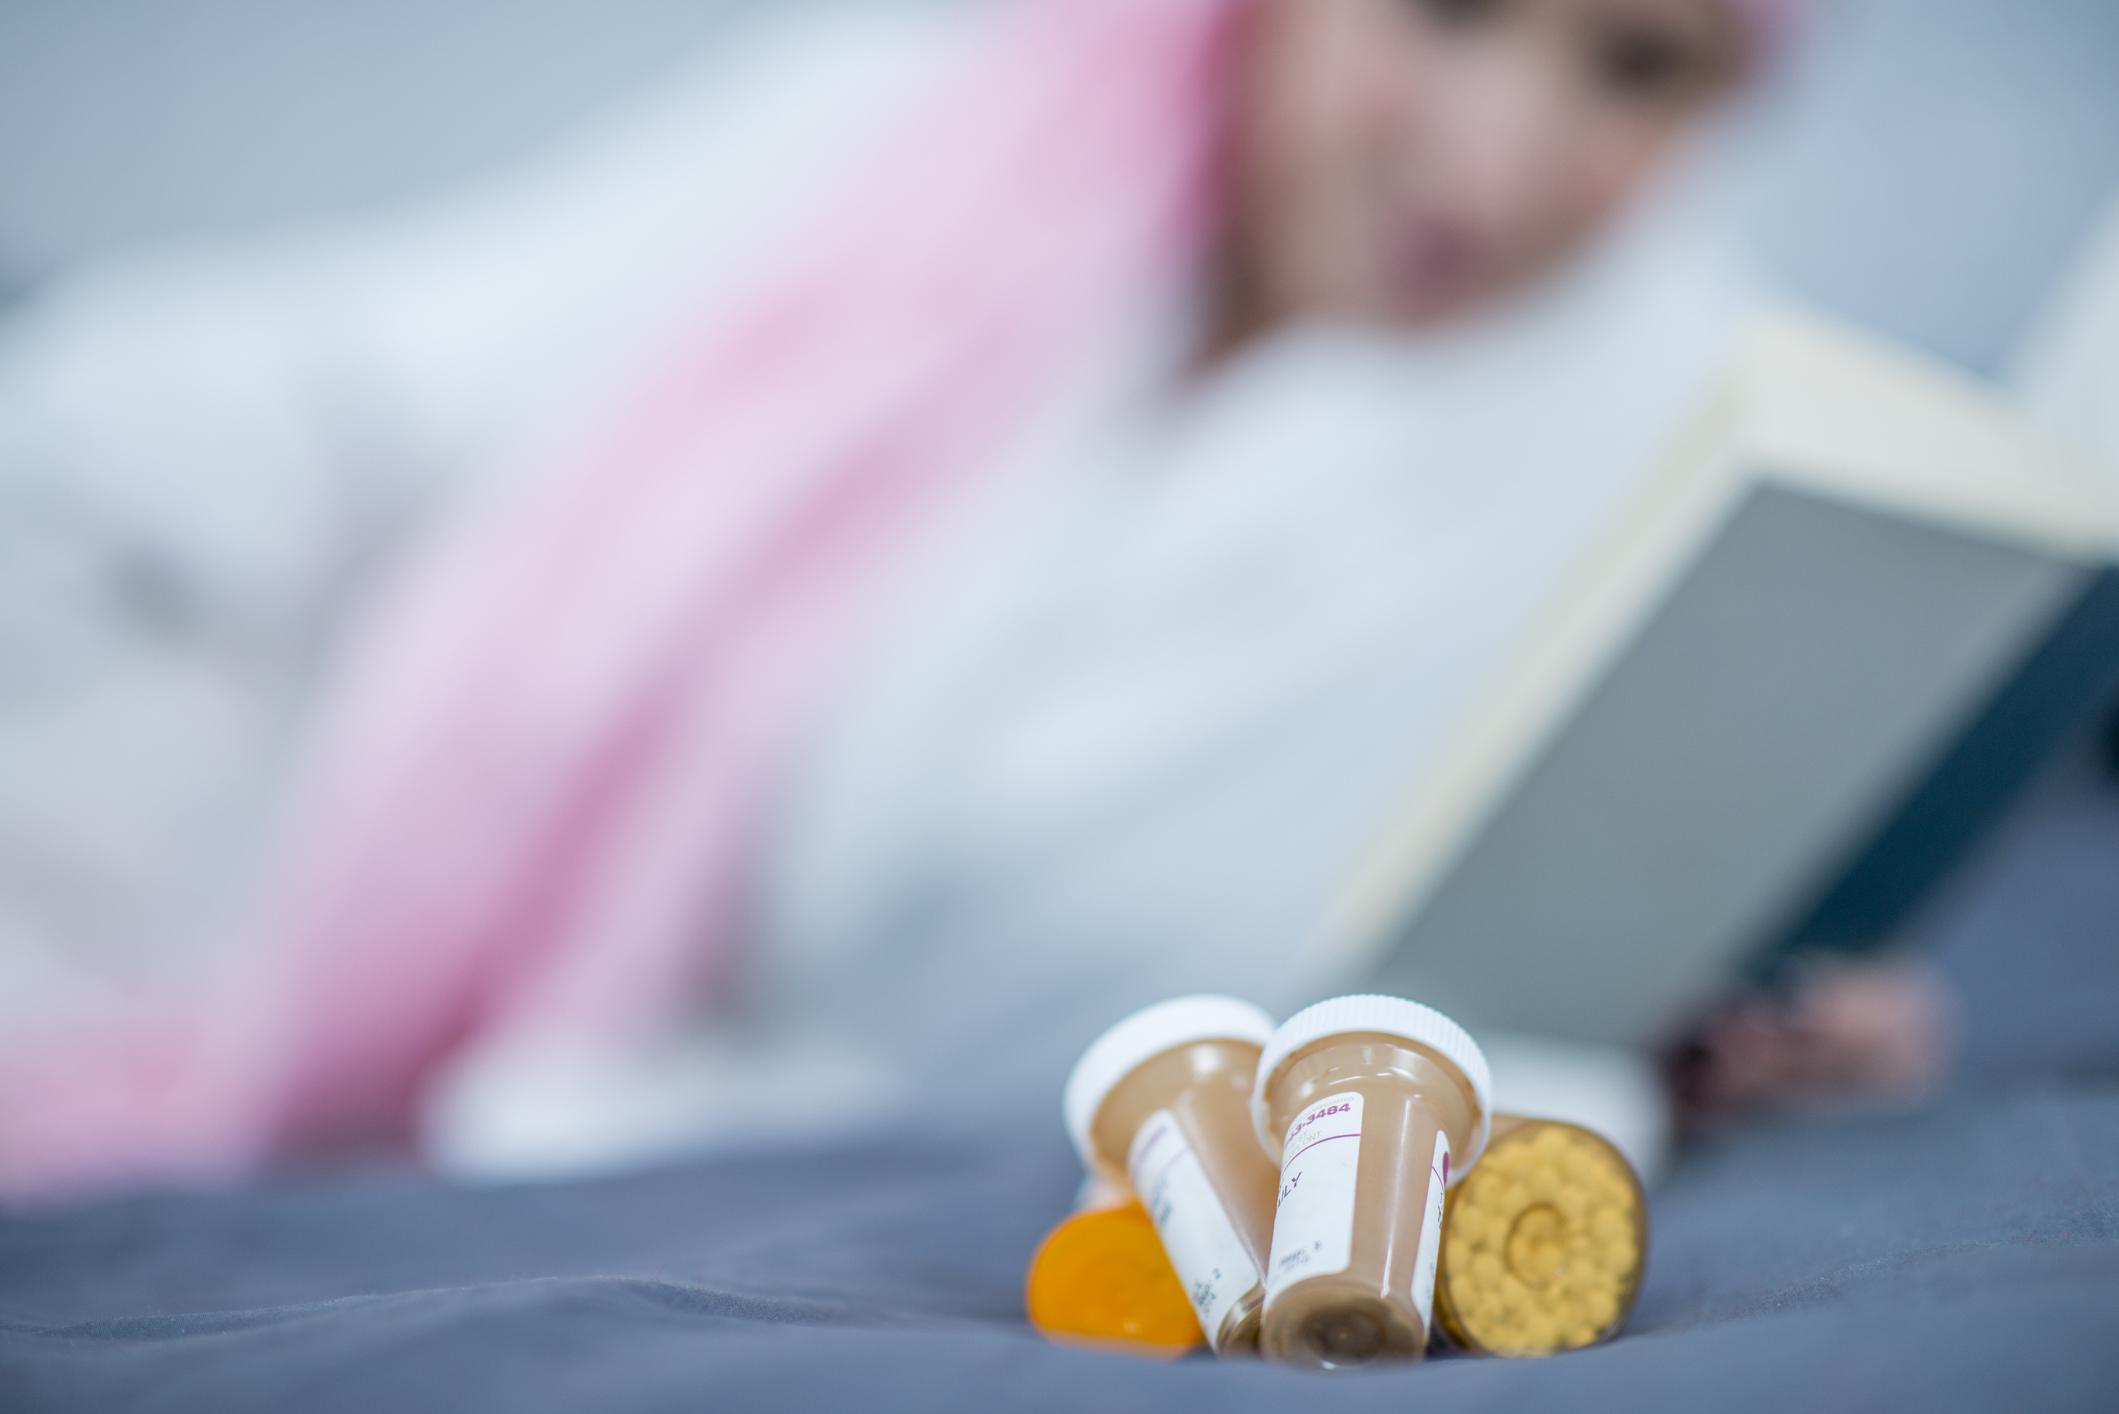 ízületi fájdalom leukémia milyen kenőcs a hát alsó részének osteochondrosis kezelésére